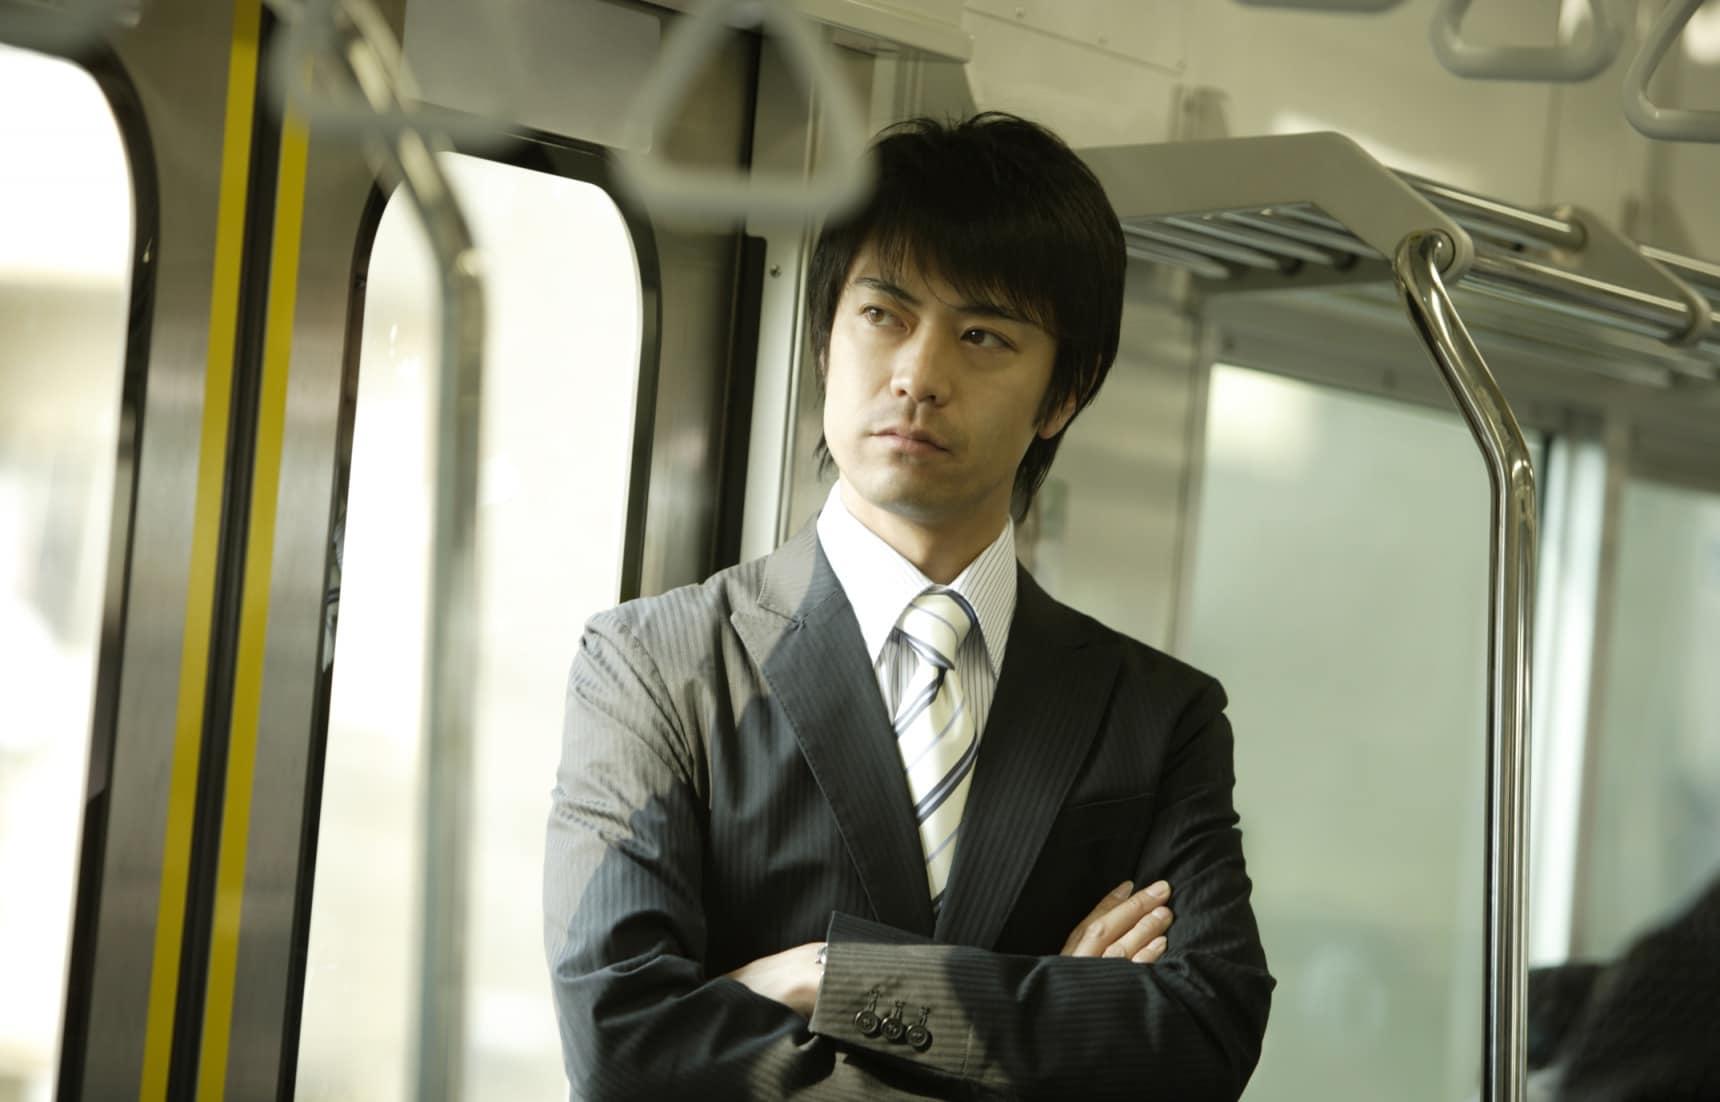 วิธีขึ้นรถไฟในญี่ปุ่น ถามคนญี่ปุ่นดีกว่า